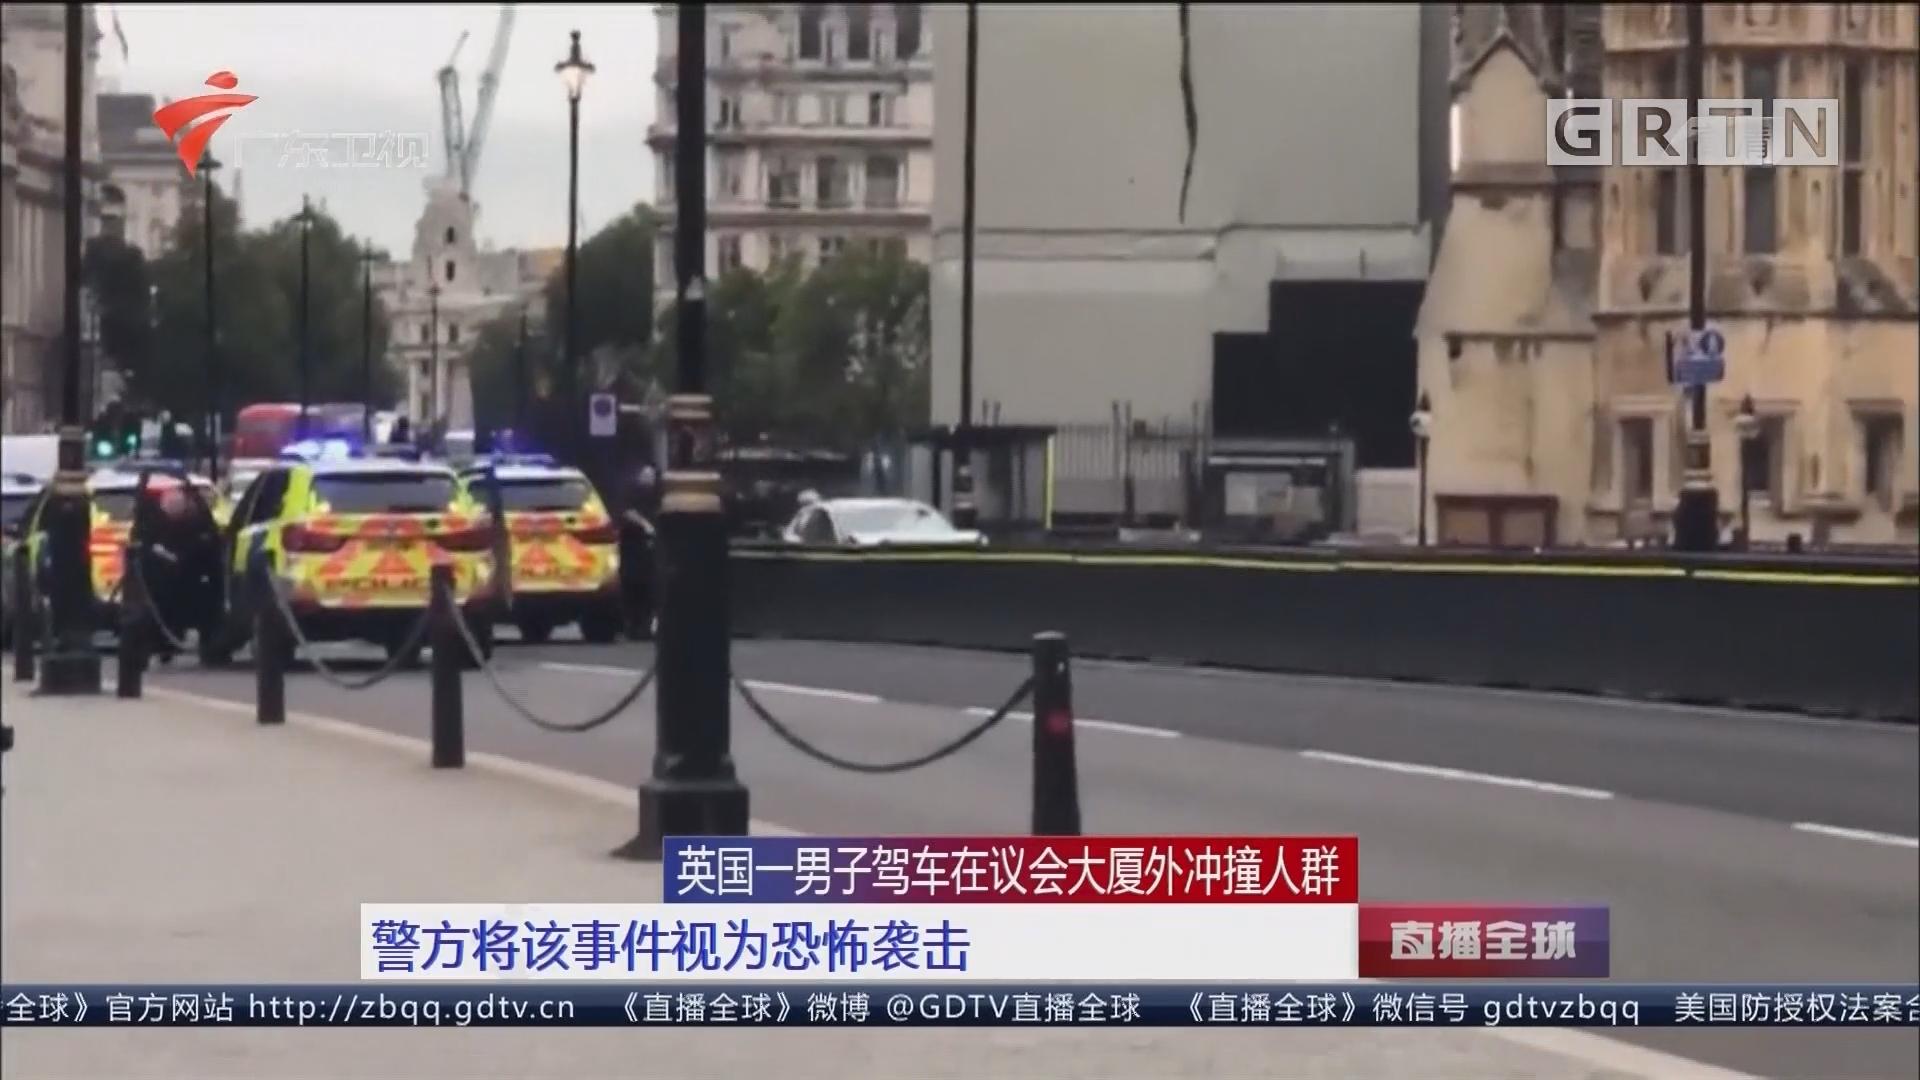 英国一男子驾车在议会大厦外冲撞人群:警方将该事件视为恐怖袭击